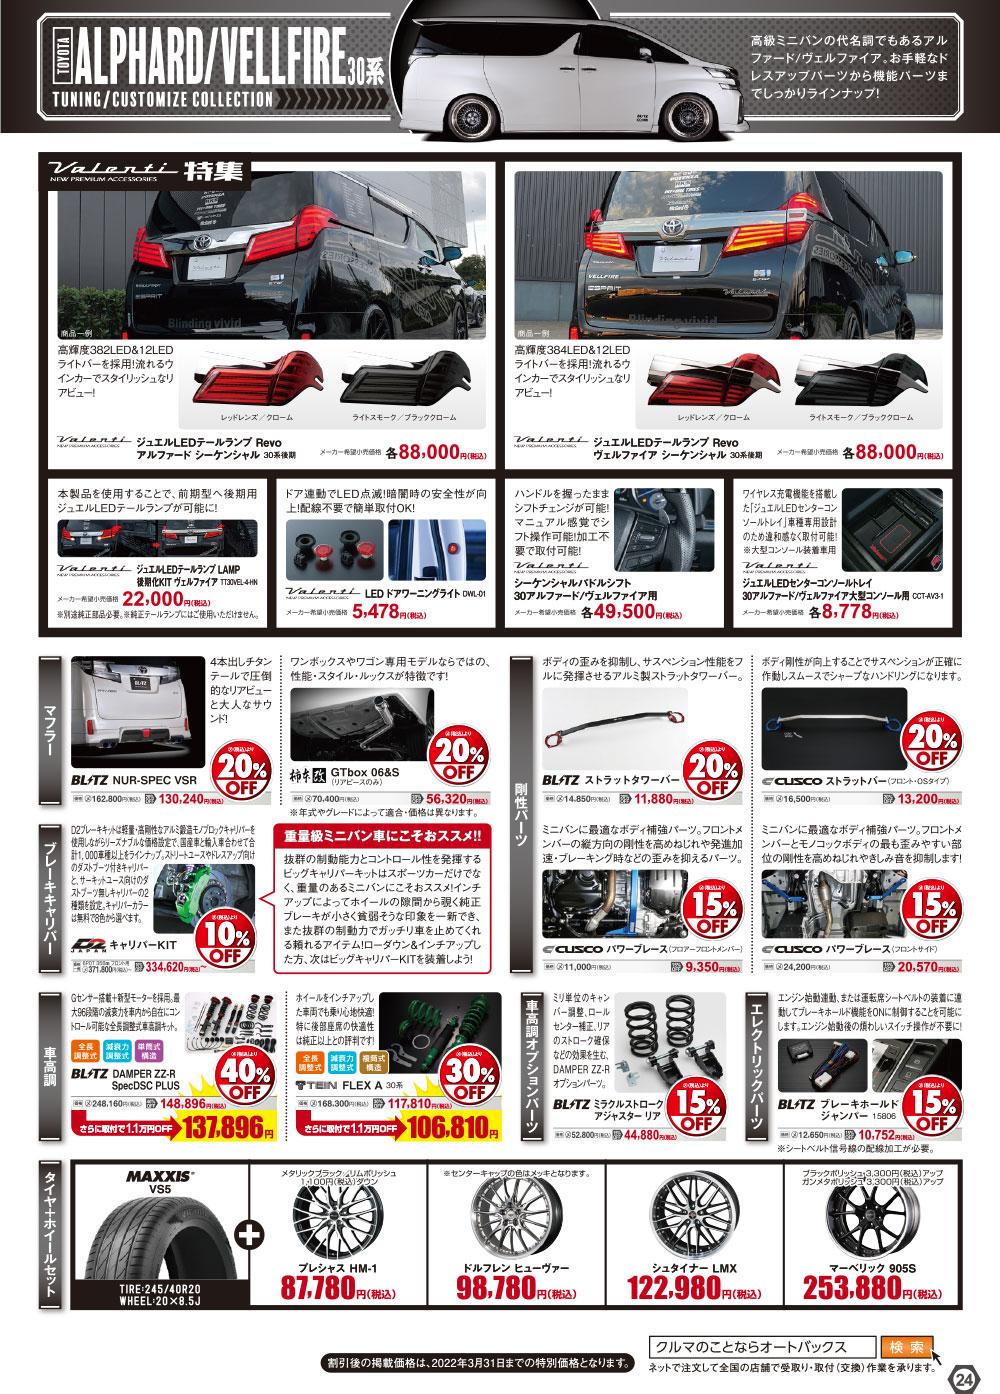 オートバックス_ヒートアップキャンペーン_TOYOTA アルファード/ヴェルファイア30系